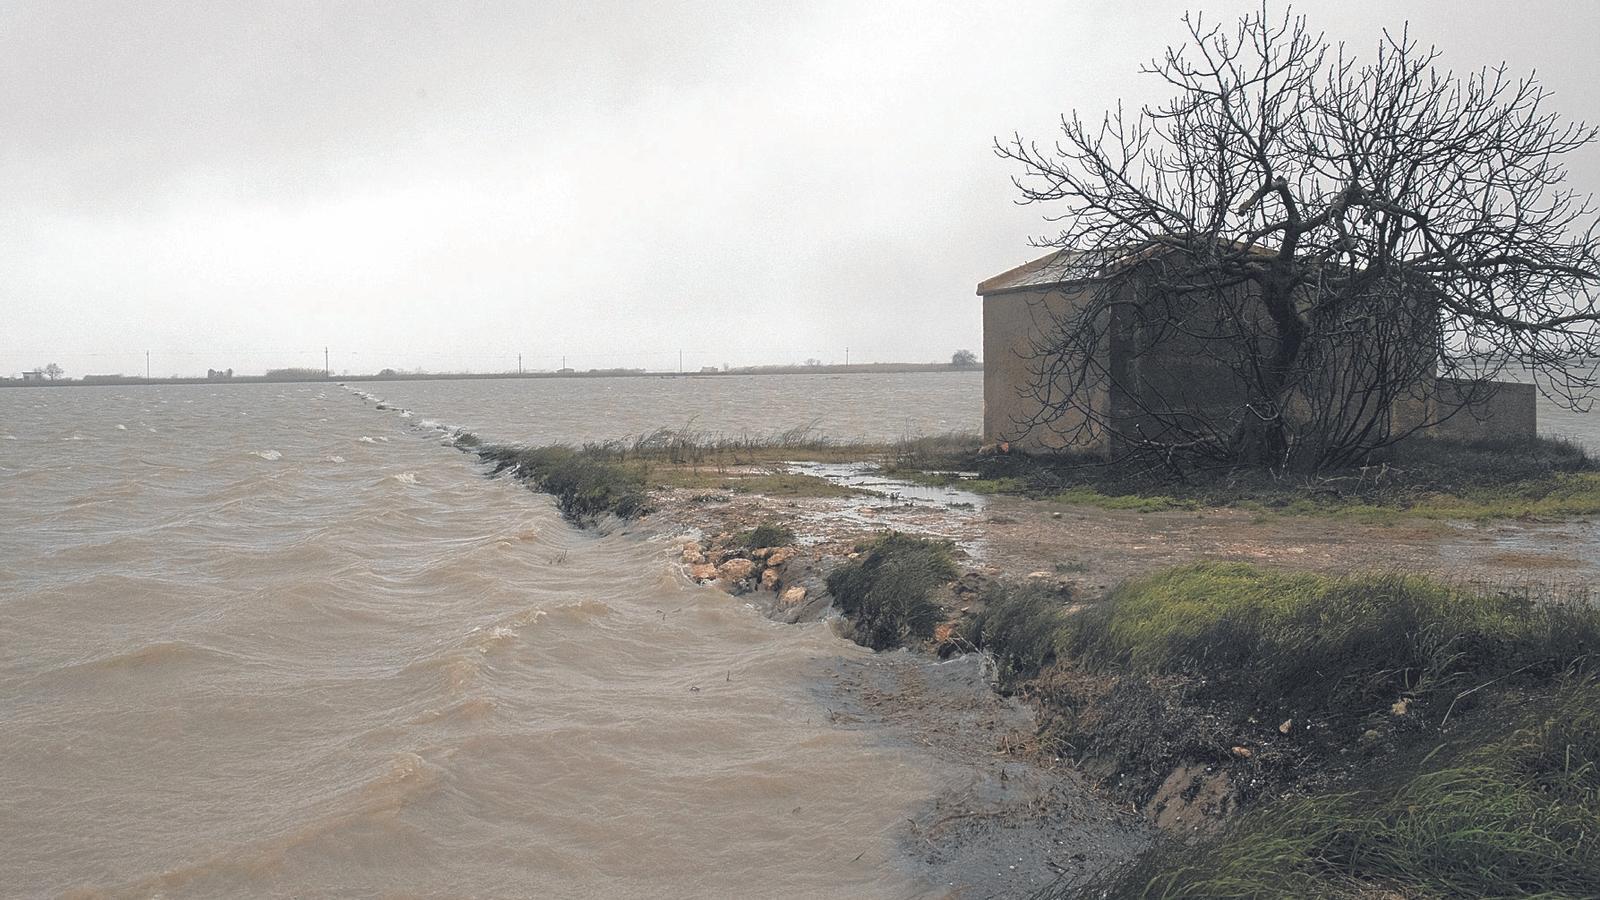 El mars'ha engolit 3.000 hectàrees d'arrossars. A la imatge, un dels camps afectats al Montsià.